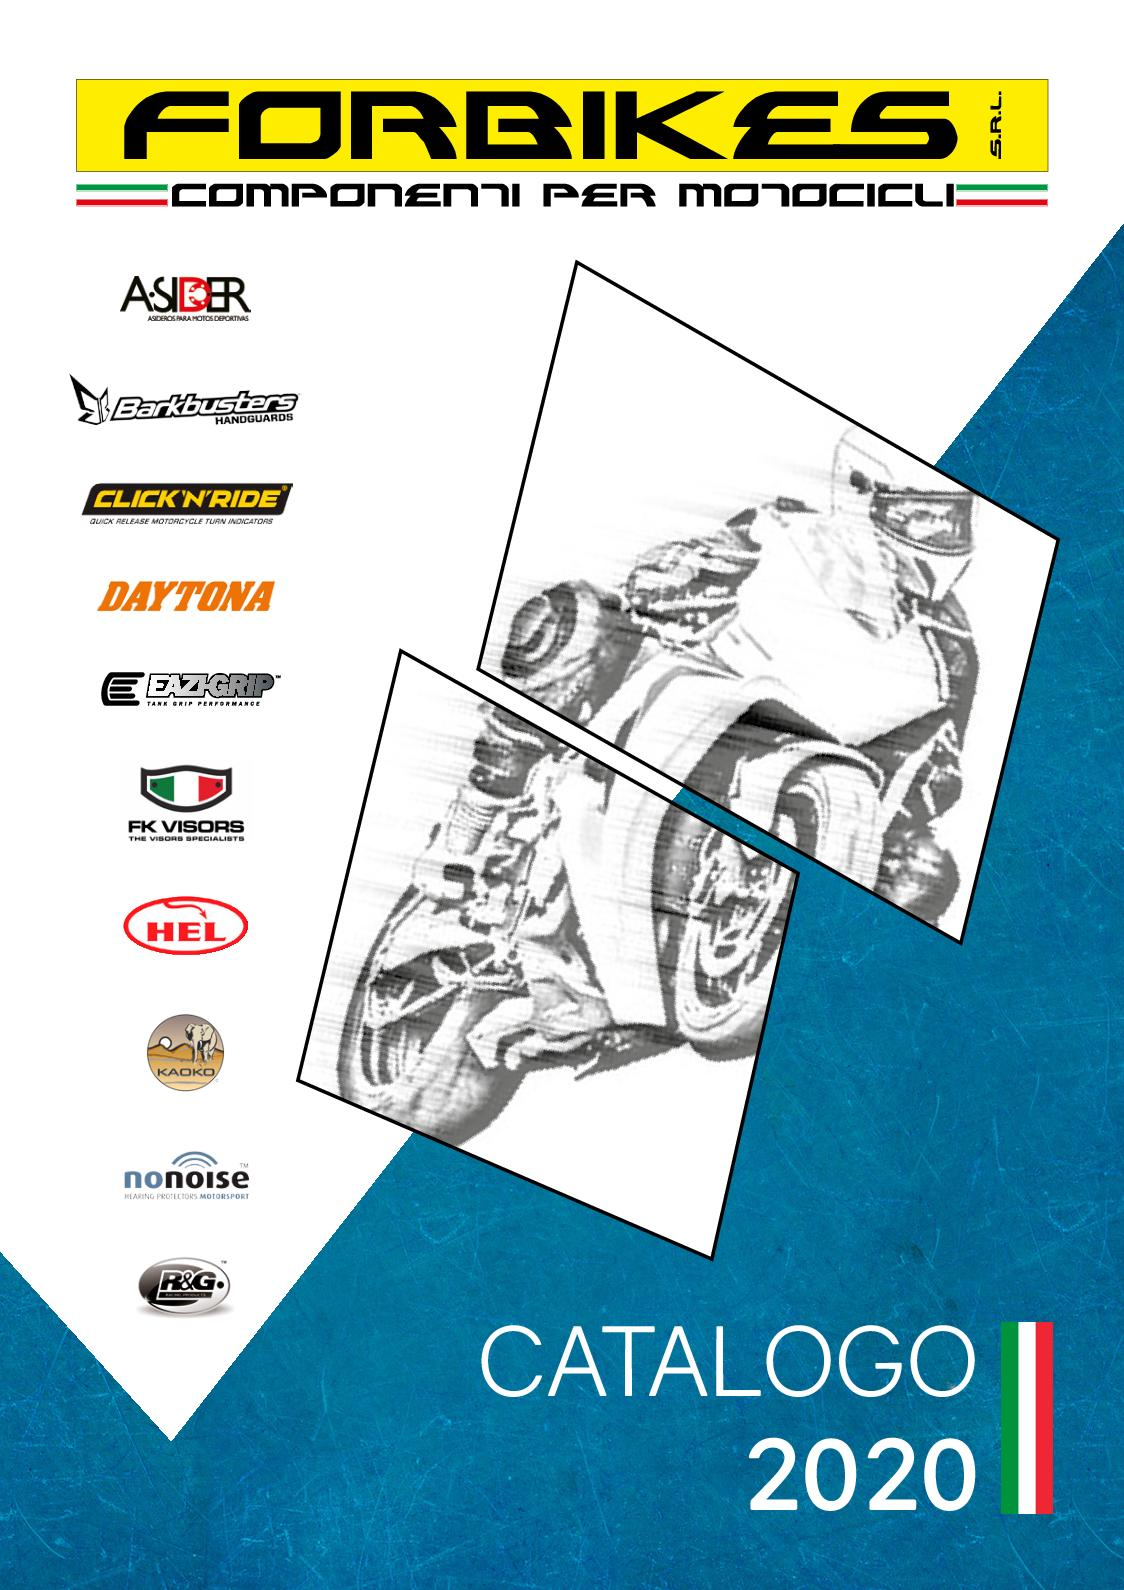 iniezione nuovo arriva Factory Road kit carenatura per CBR600RR F5 2003 2004 Cbr 600 RR 03 04 sport motocicletta carenatura ABS